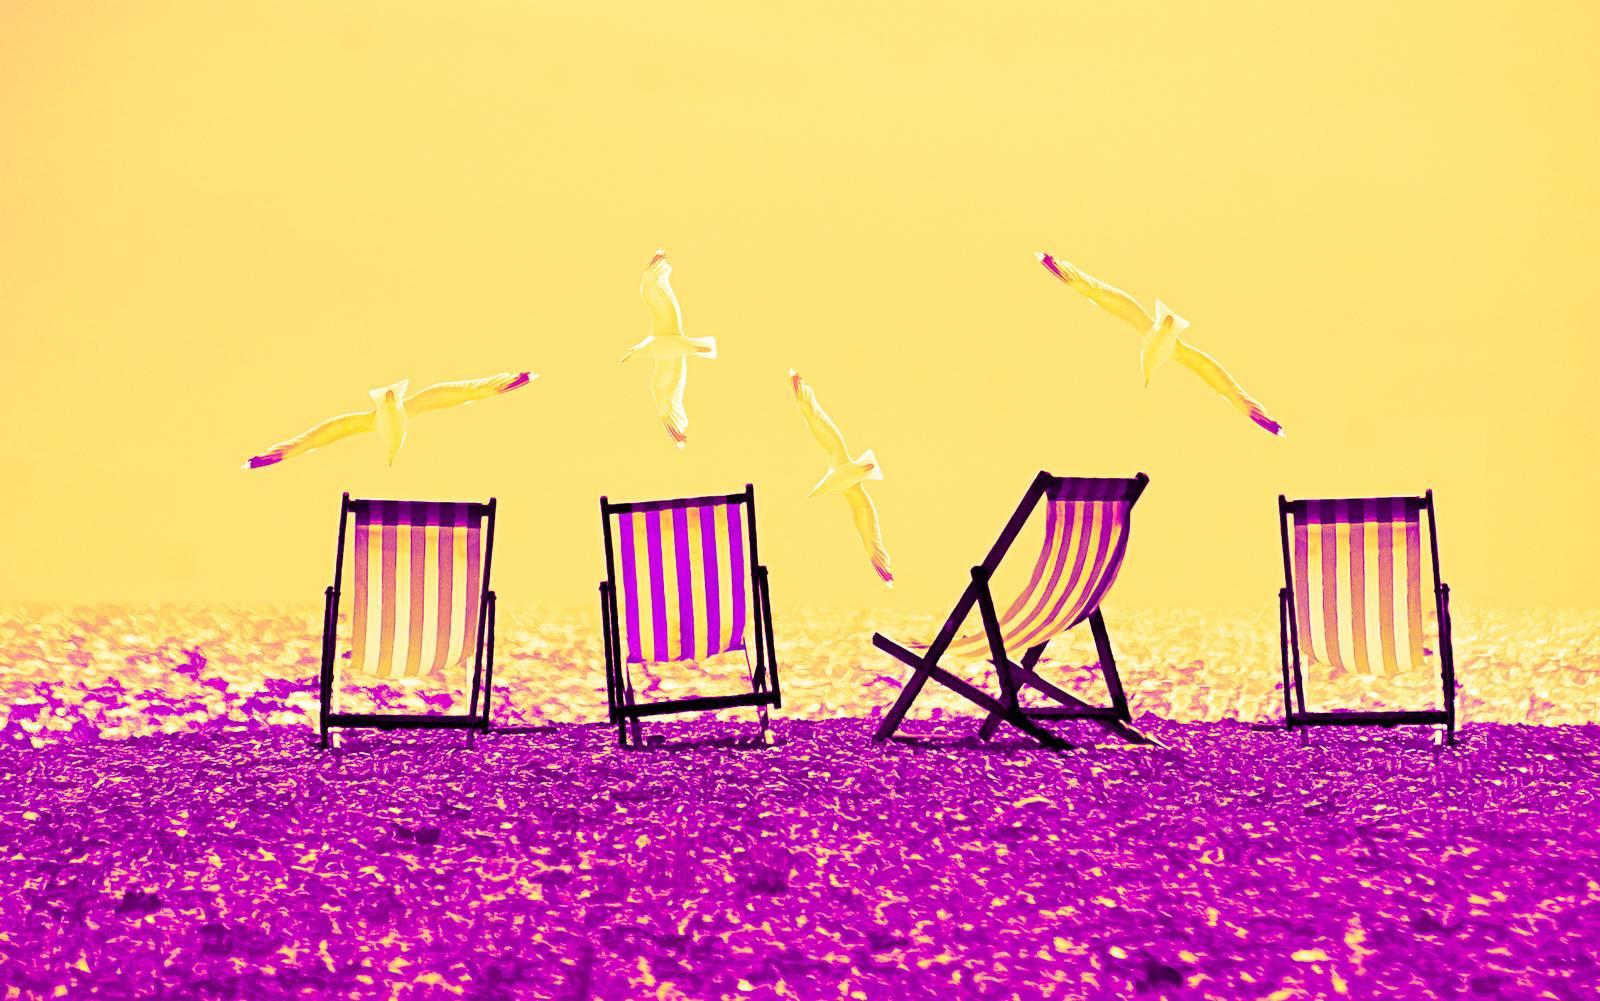 Beach Chairs - Yellow & Purple